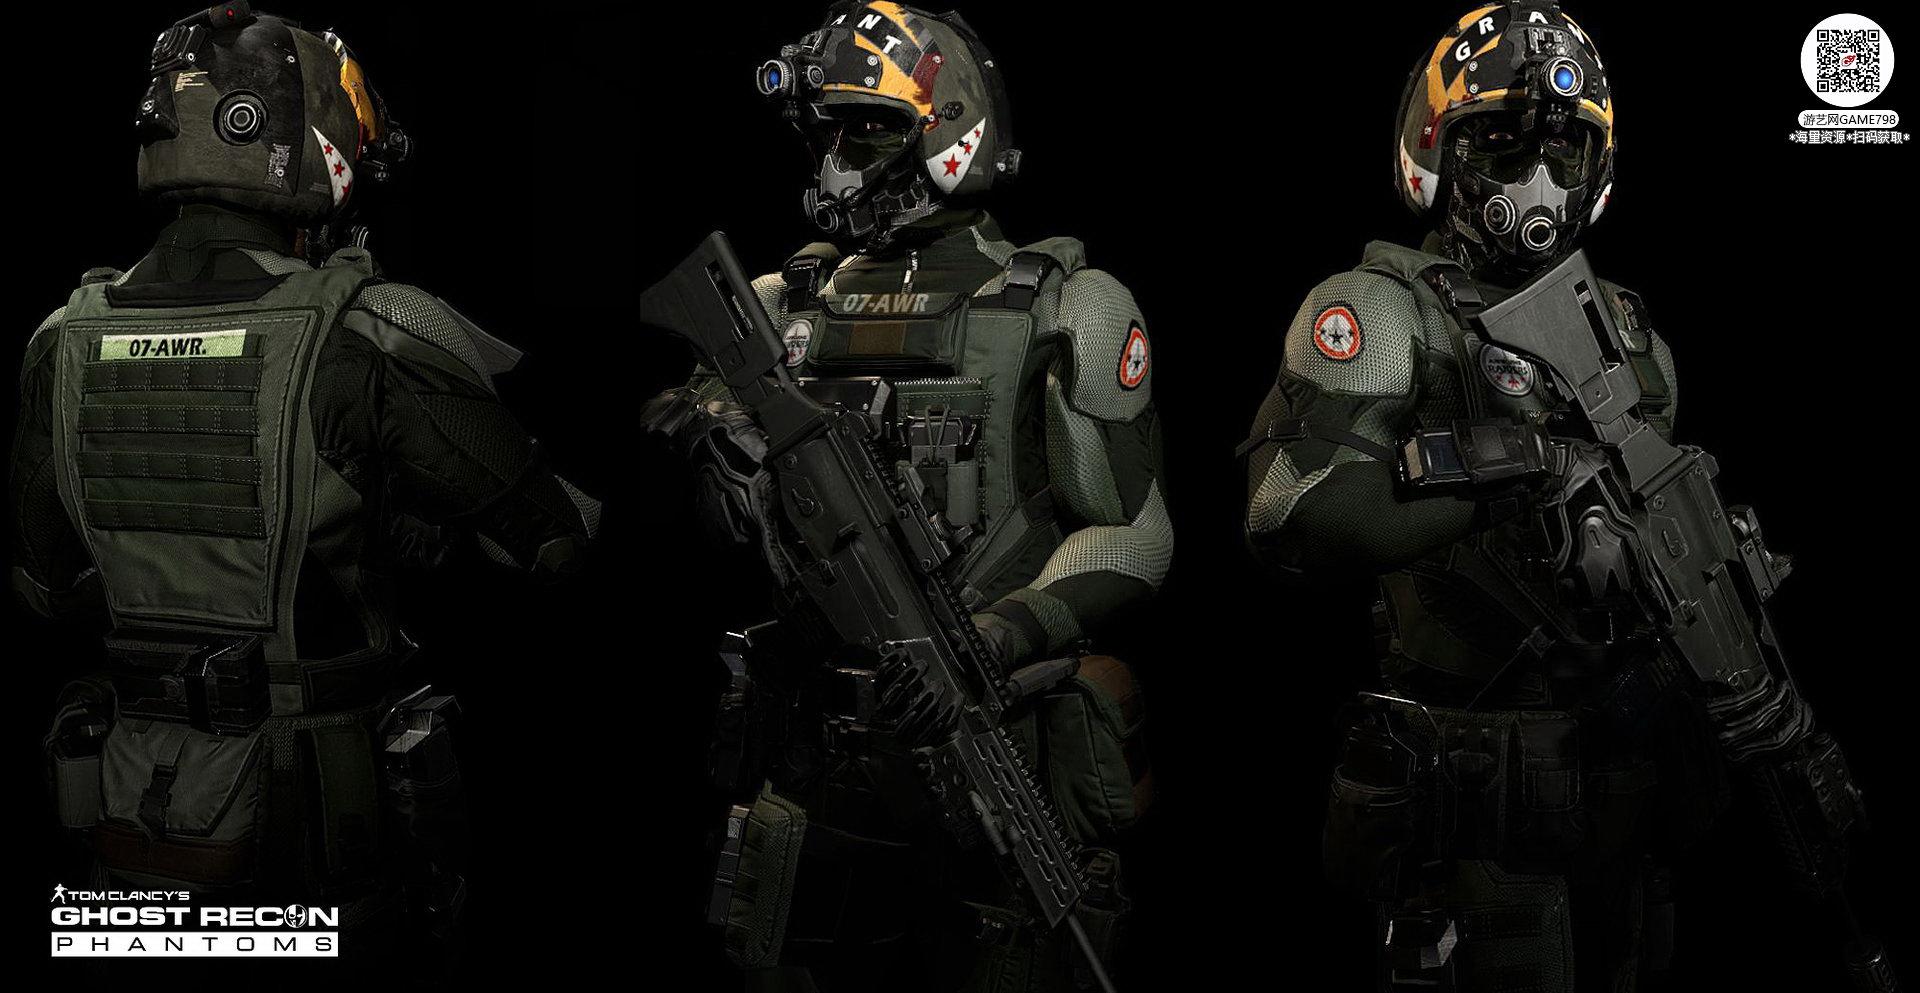 014_关注游艺网公众号获海量资源_幽灵行动未来战士次世代游戏3D模型参考原画概念设定.jpg